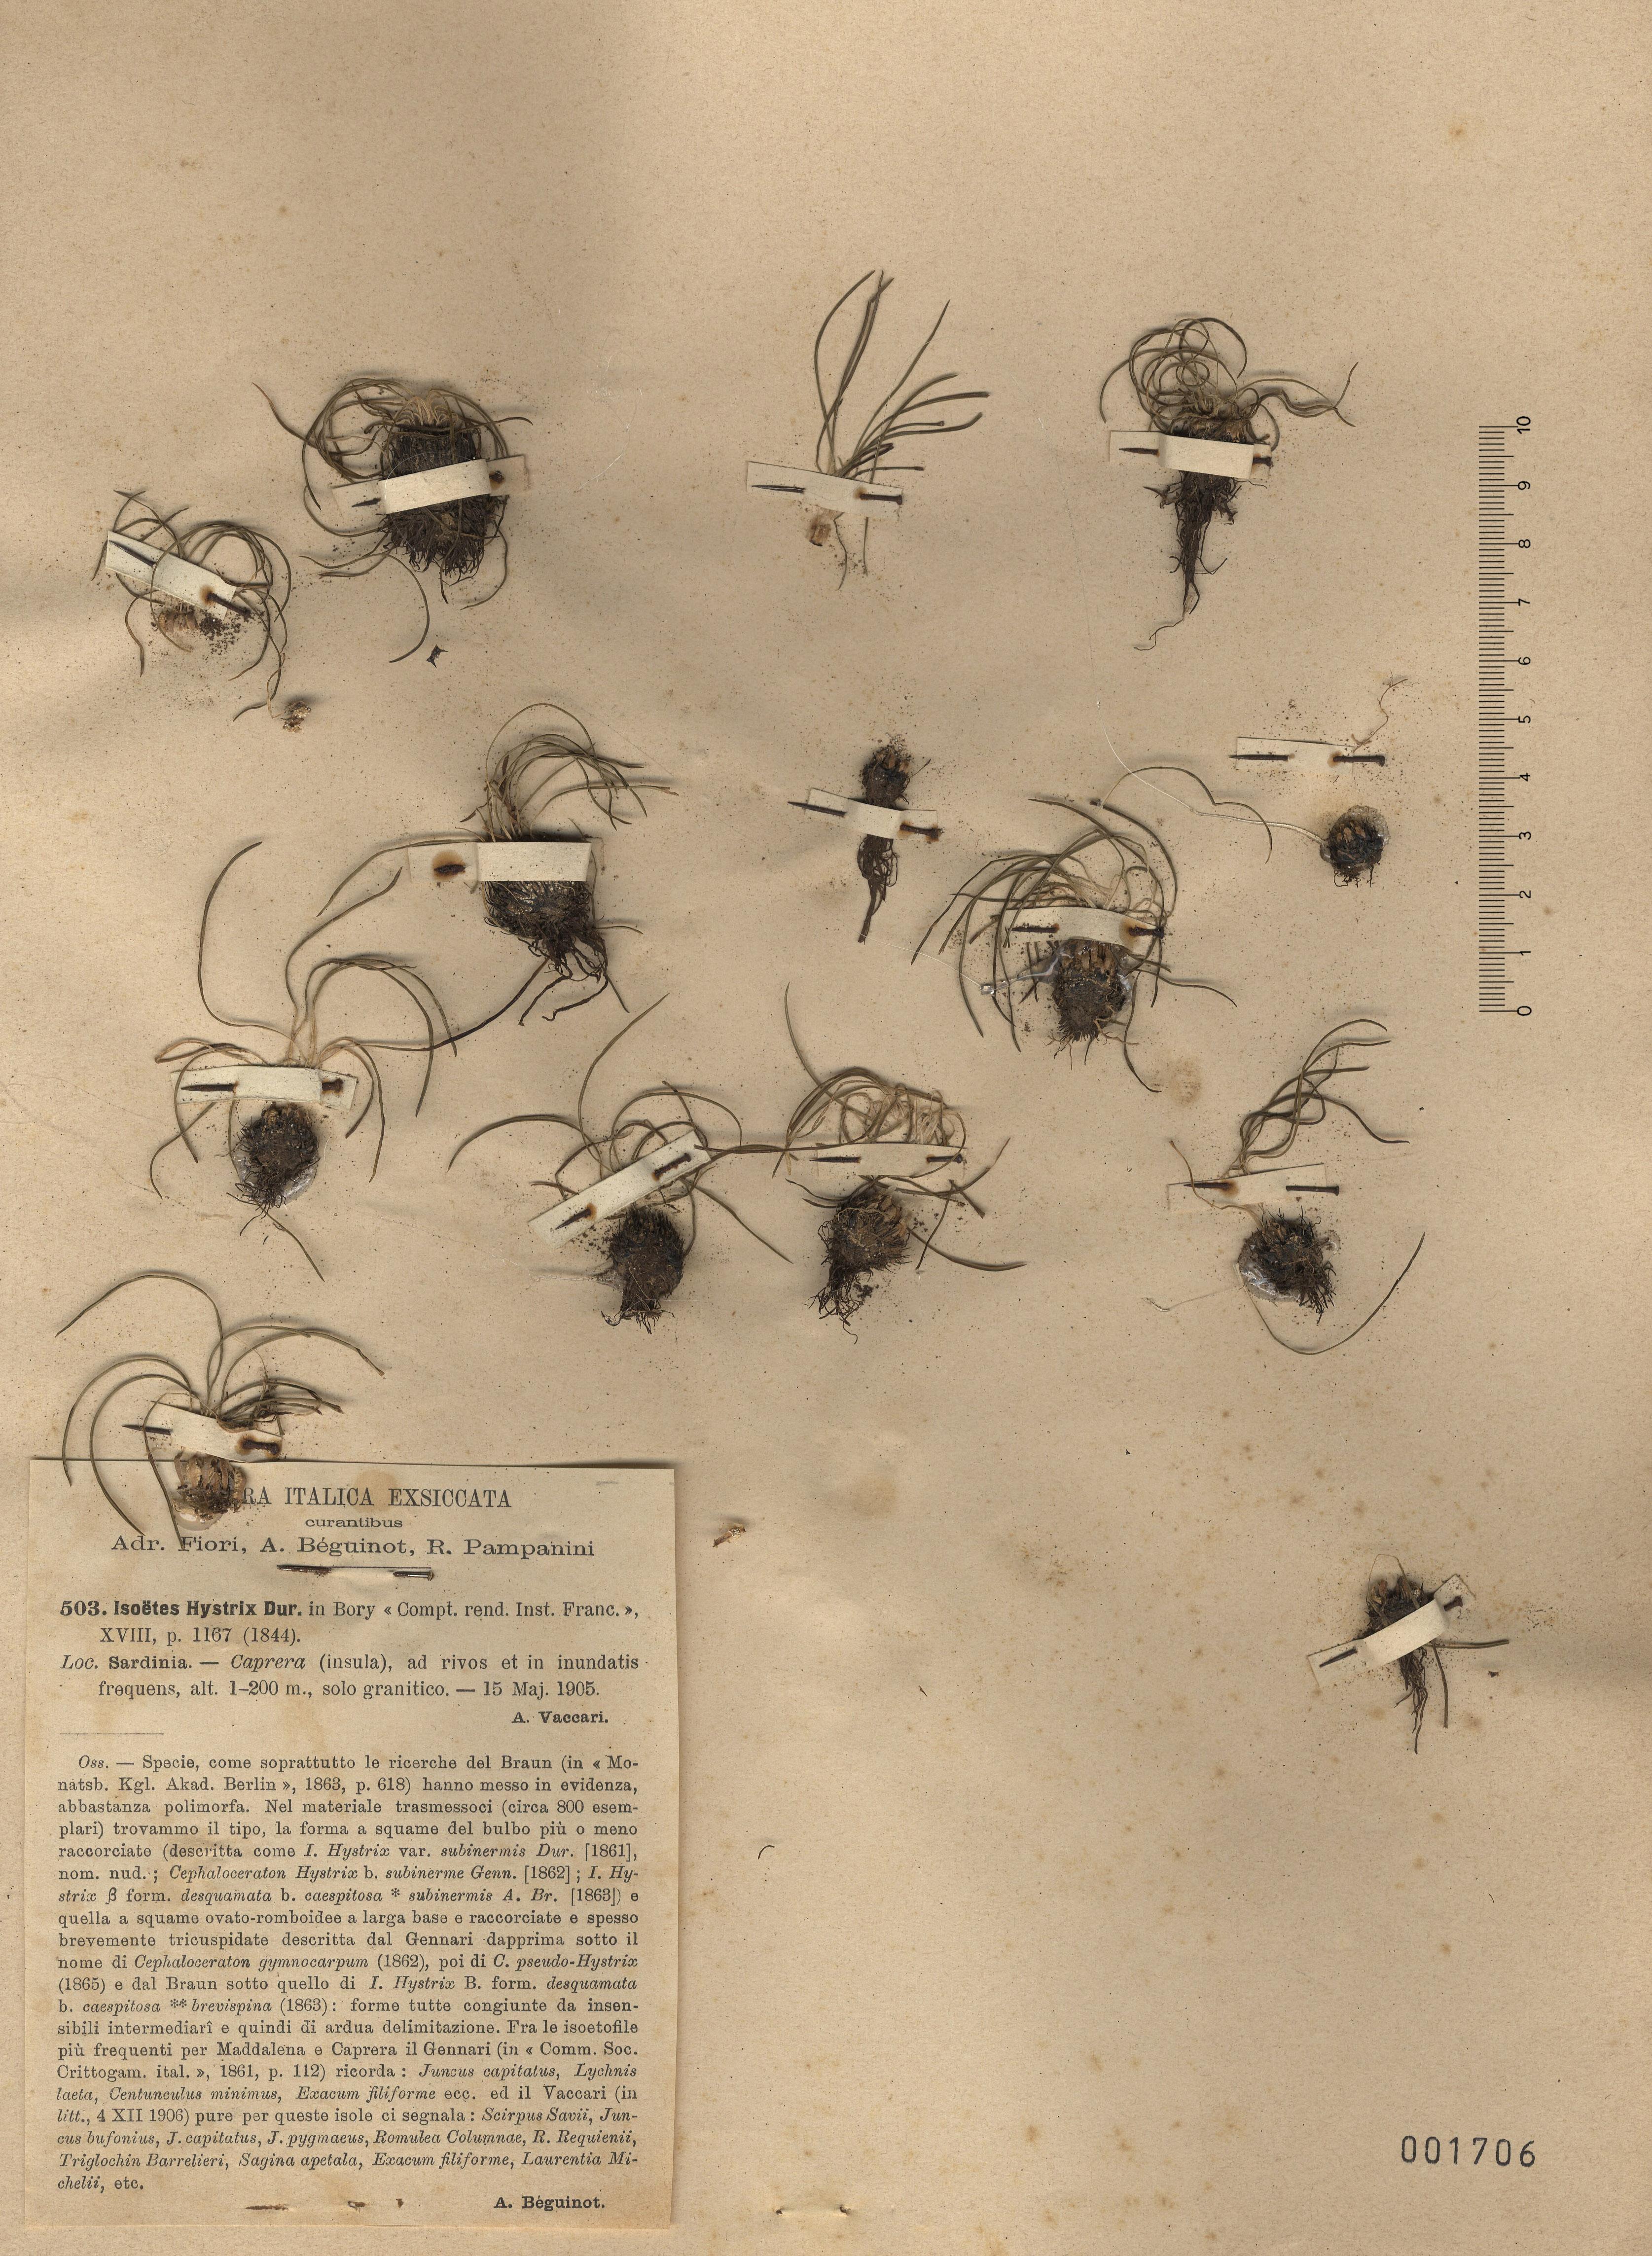 © Hortus Botanicus Catinensis - Herb. sheet 001706<br>